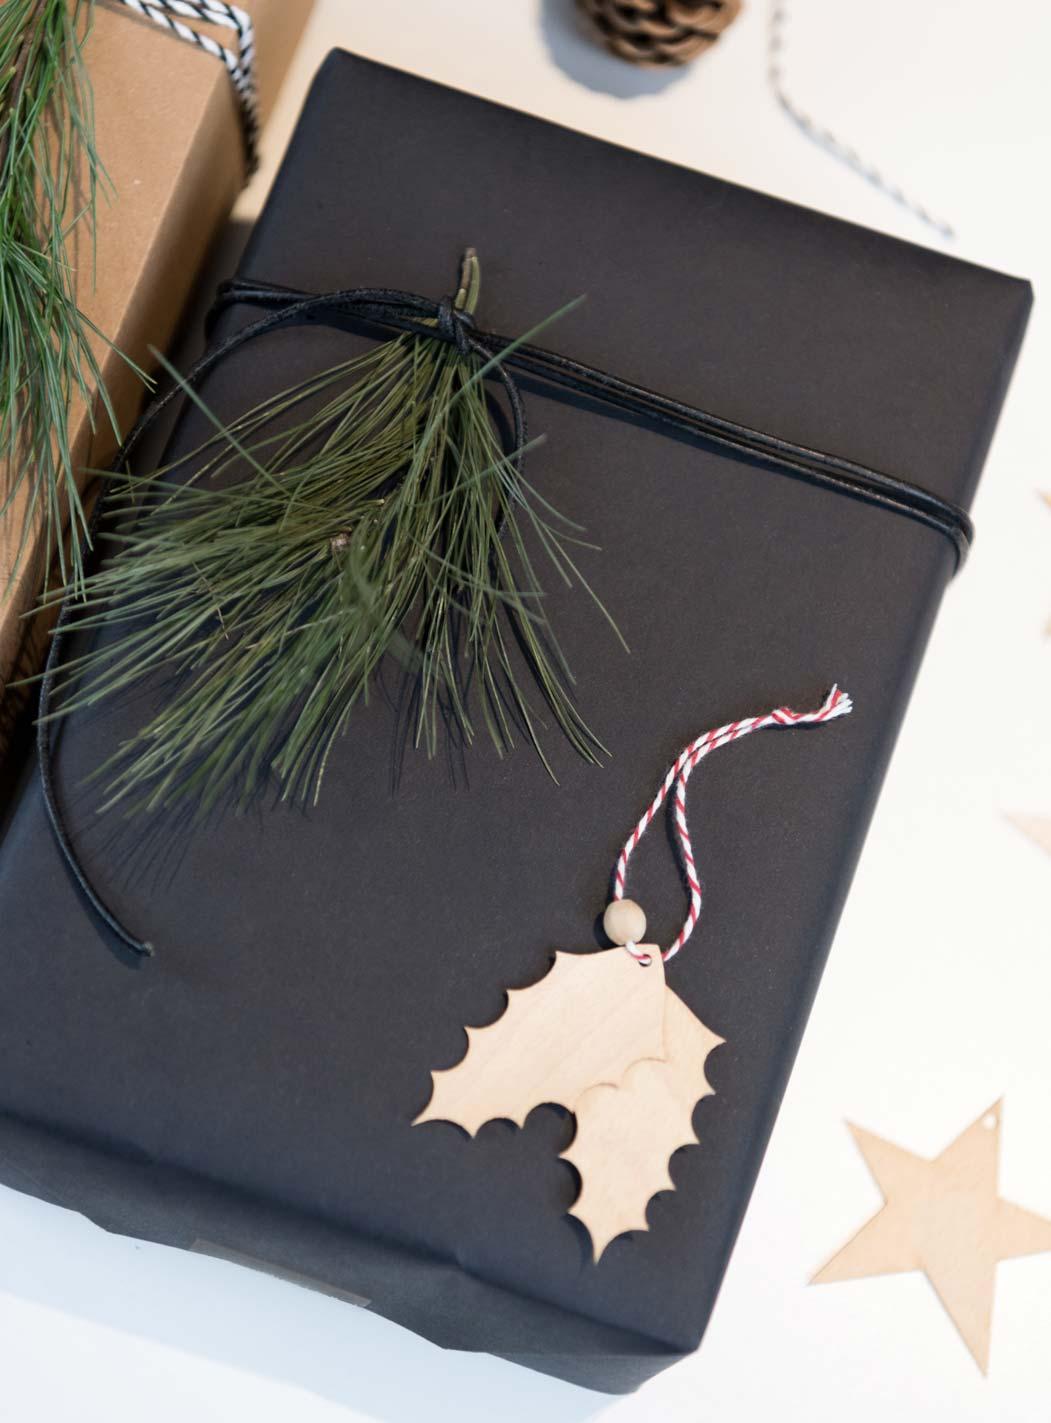 Geschenke verpacken - Inspiration - Weihnachten